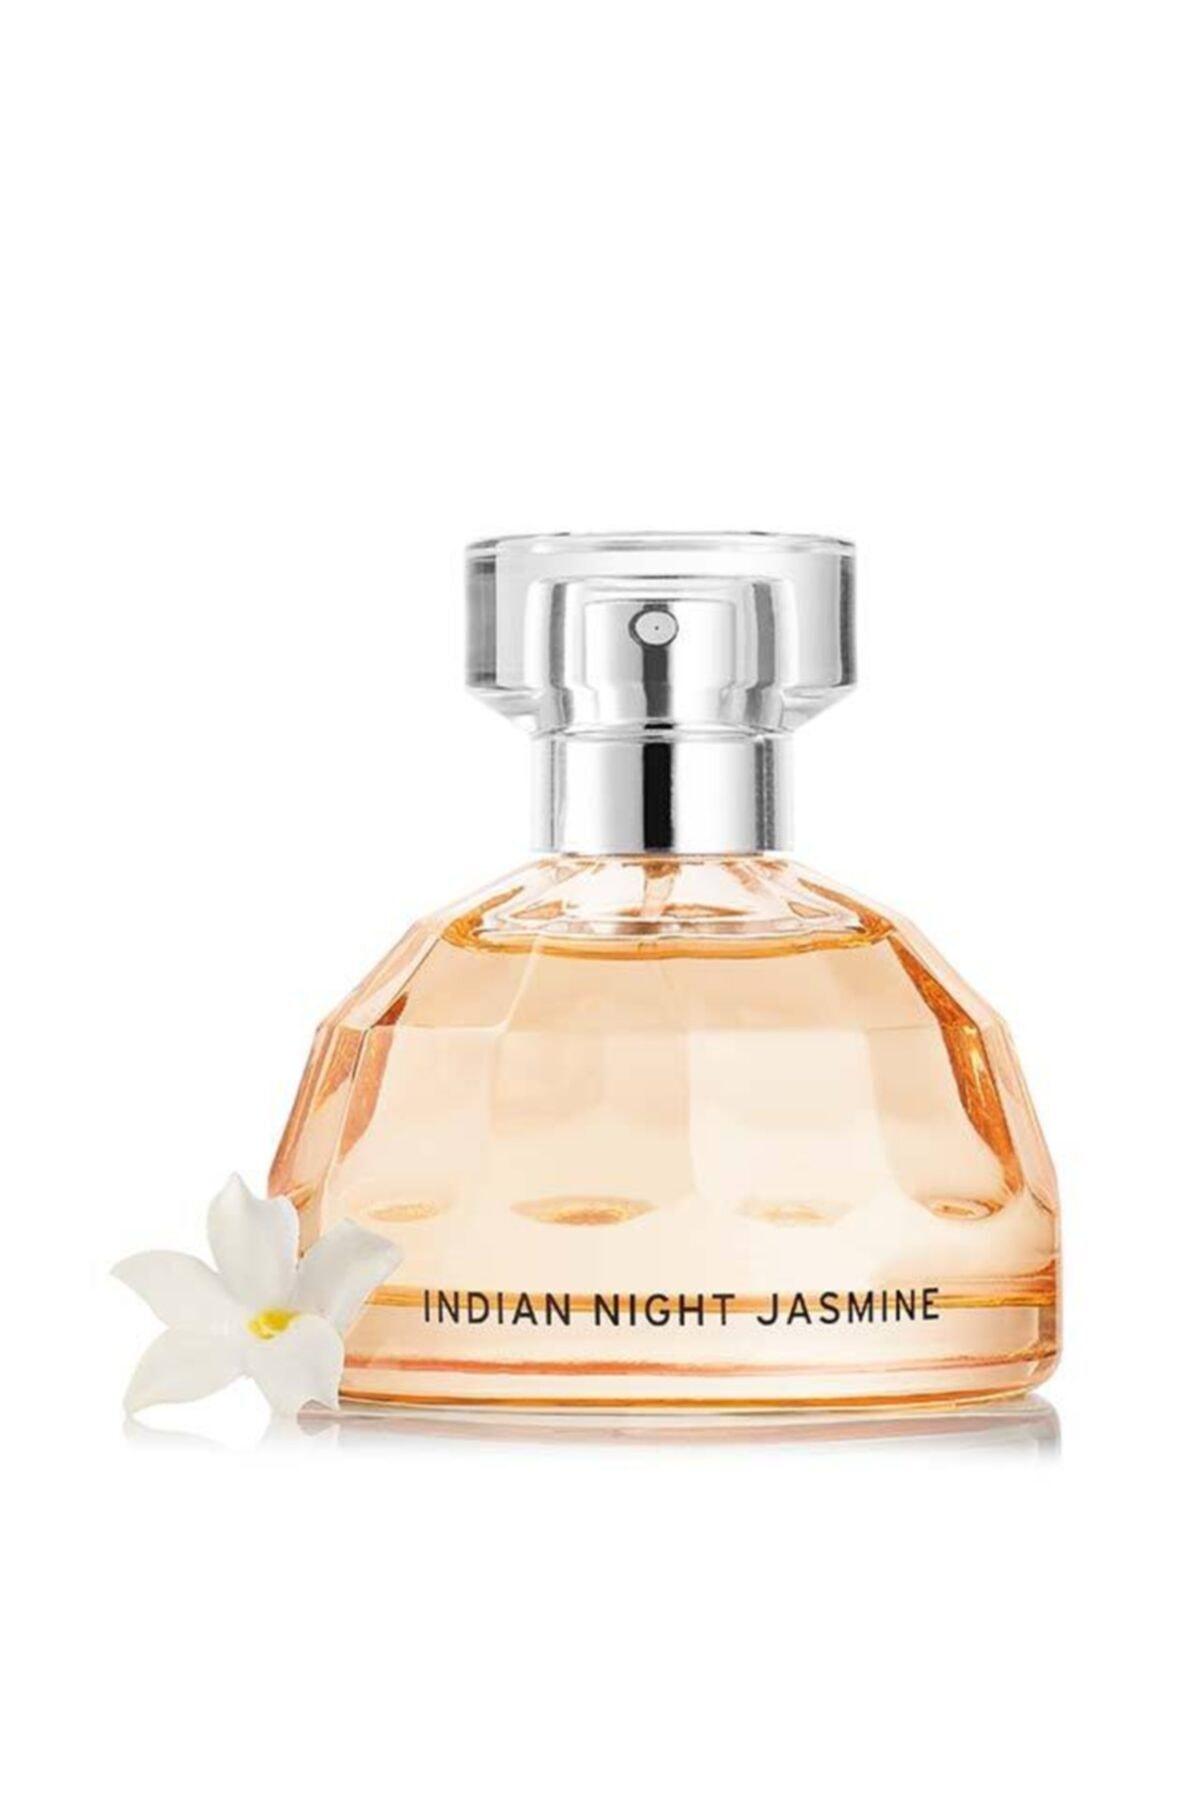 THE BODY SHOP Indian Night Jasmine Edt 50 ml Kadın Parfümü 5028197777586 2